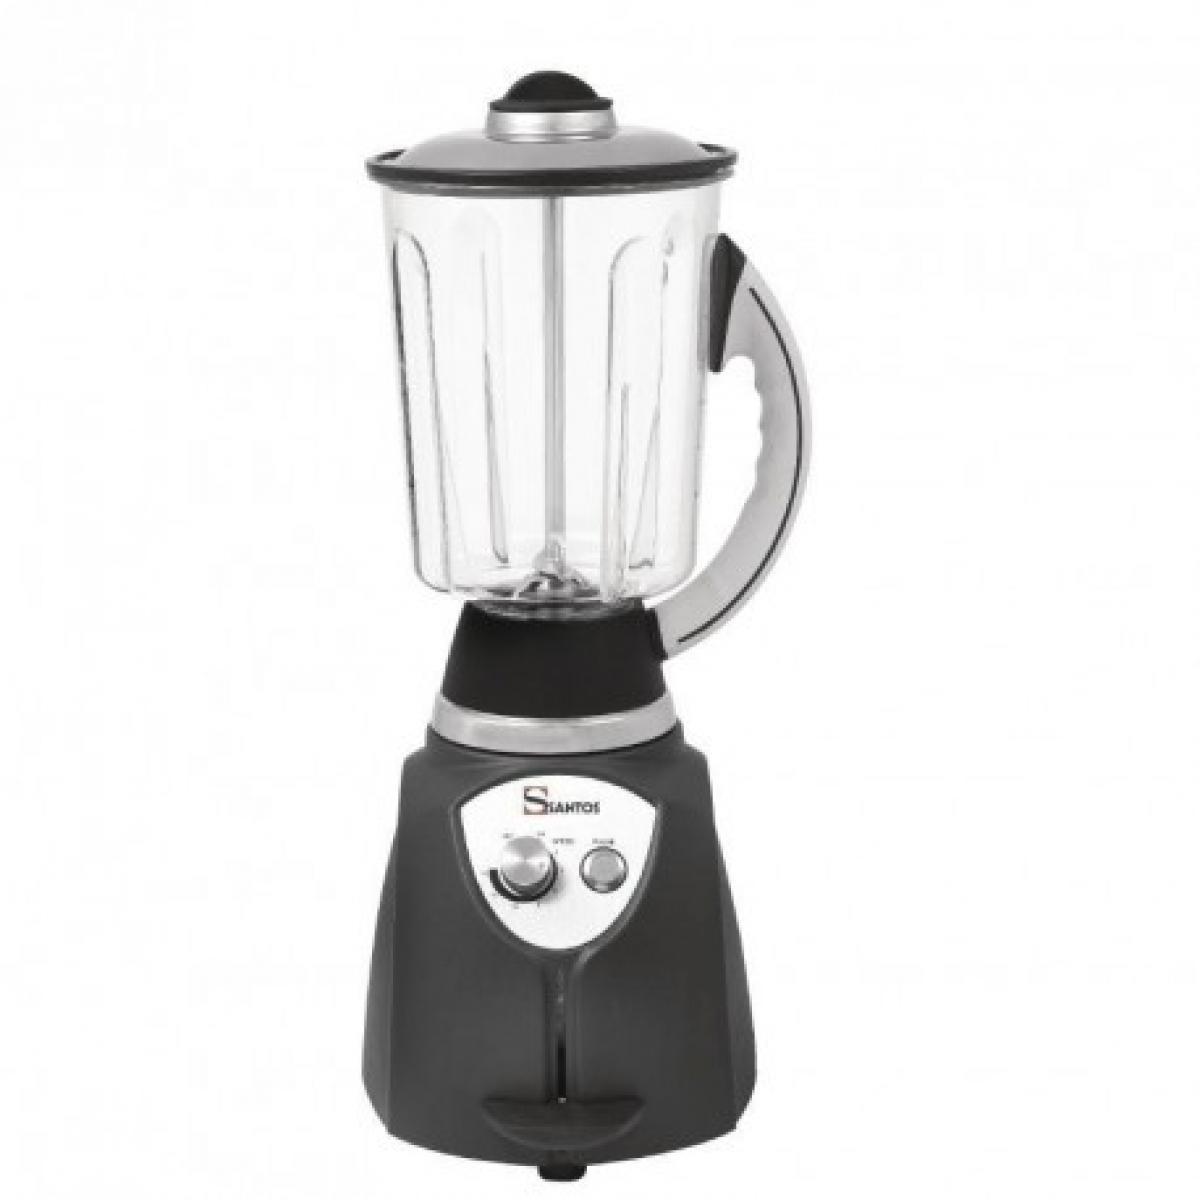 Materiel Chr Pro Blender Professionnel de Cuisine Bol 4 L - 1200 W - Santos - 4 l